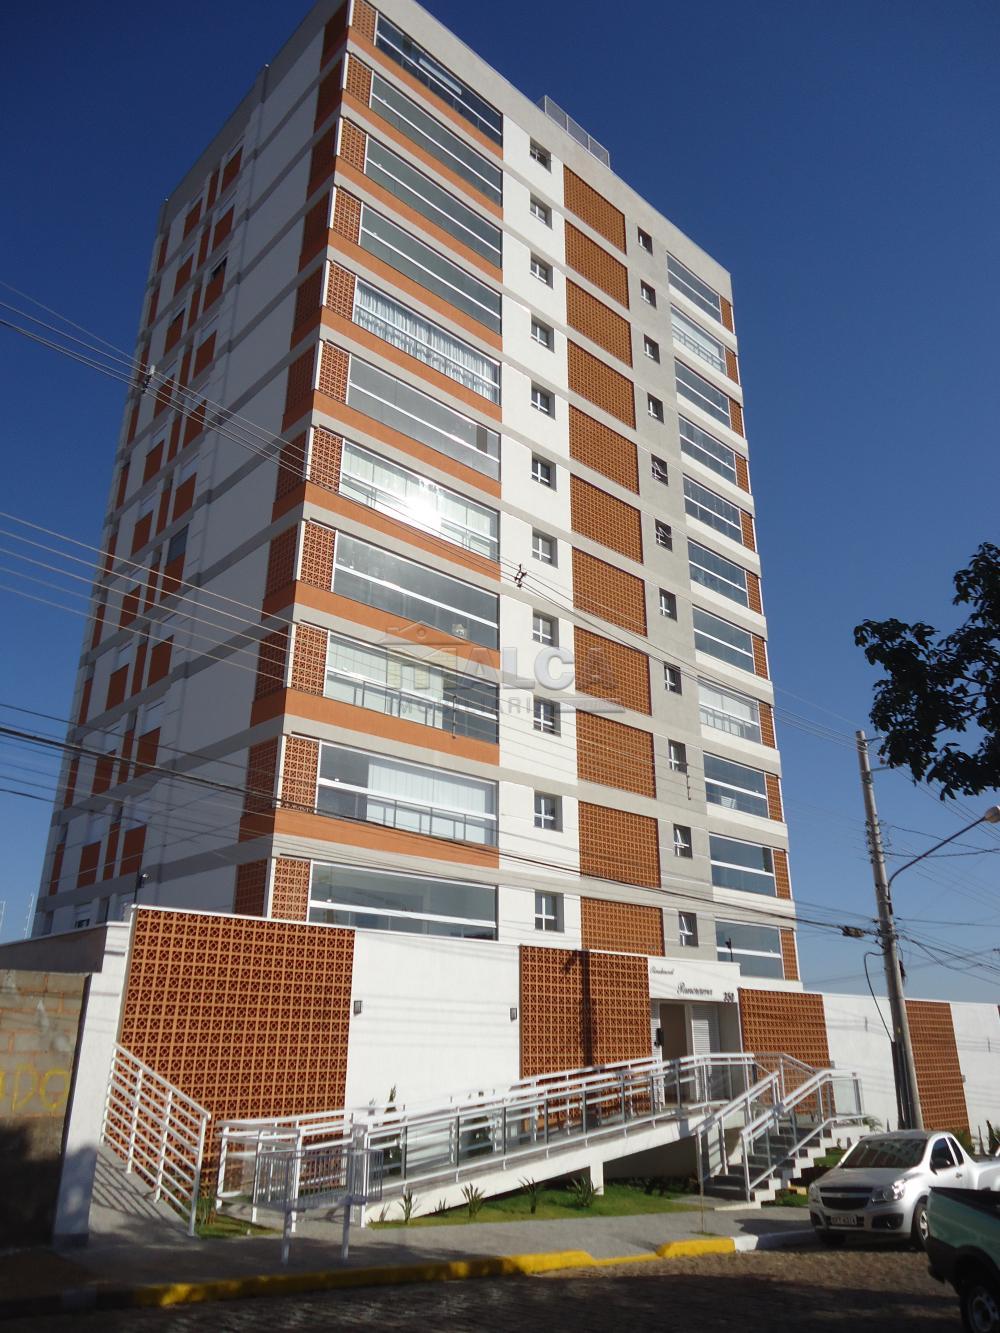 Alugar Apartamentos / Condomínio em São José do Rio Pardo apenas R$ 3.000,00 - Foto 1